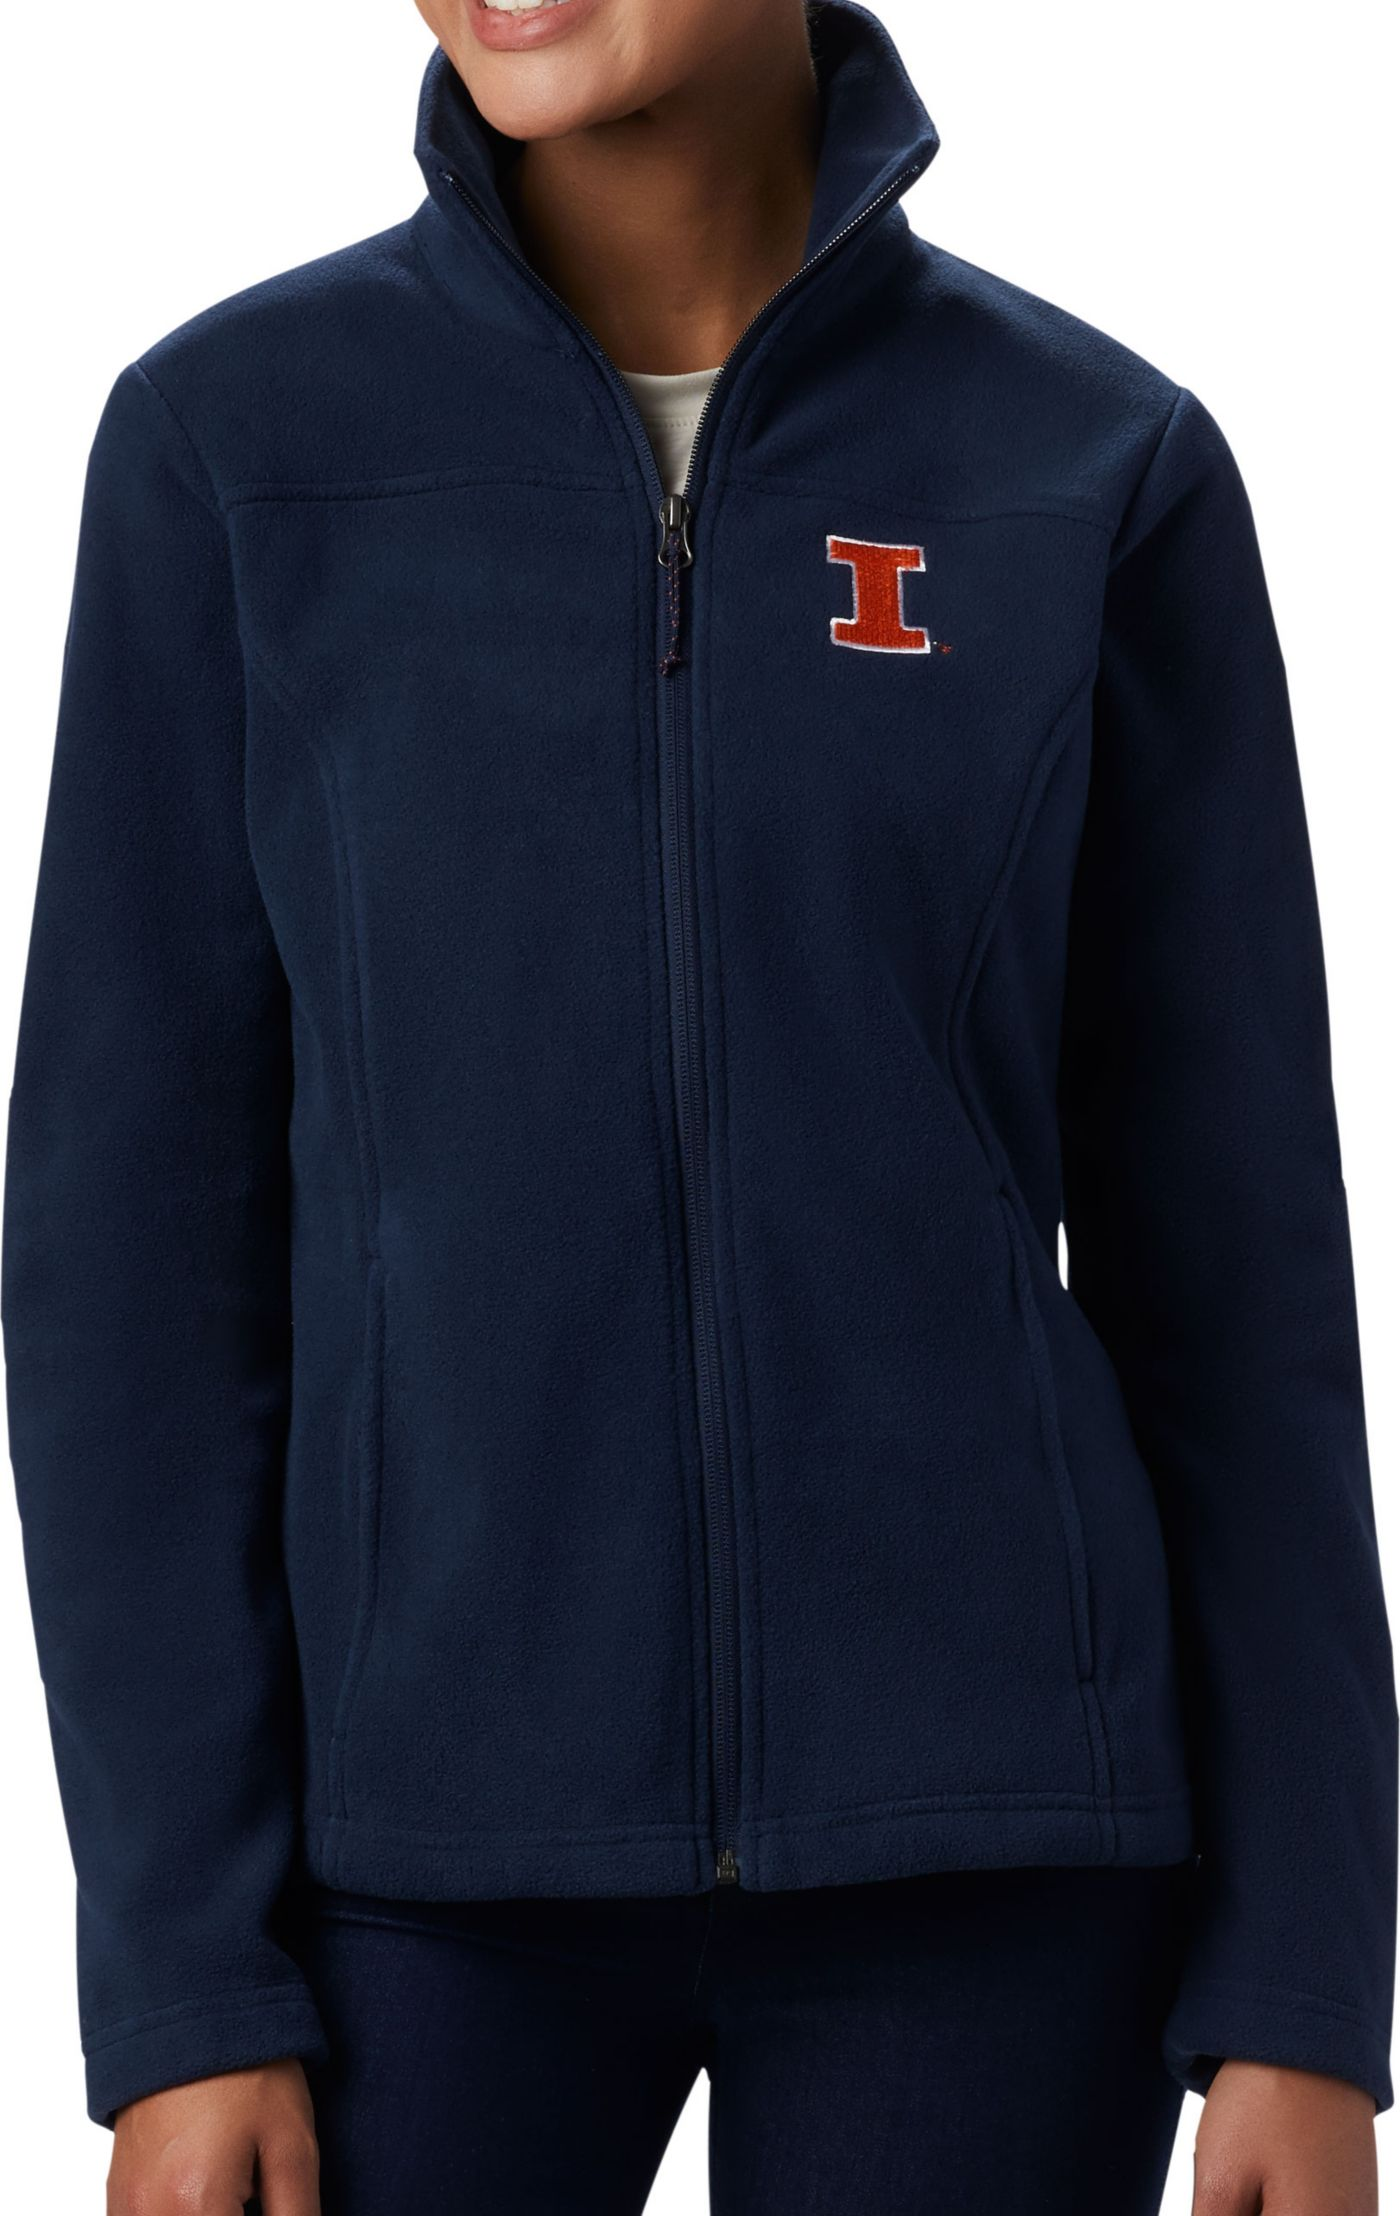 Columbia Women's Illinois Fighting Illini Blue Give & Go Full-Zip Jacket